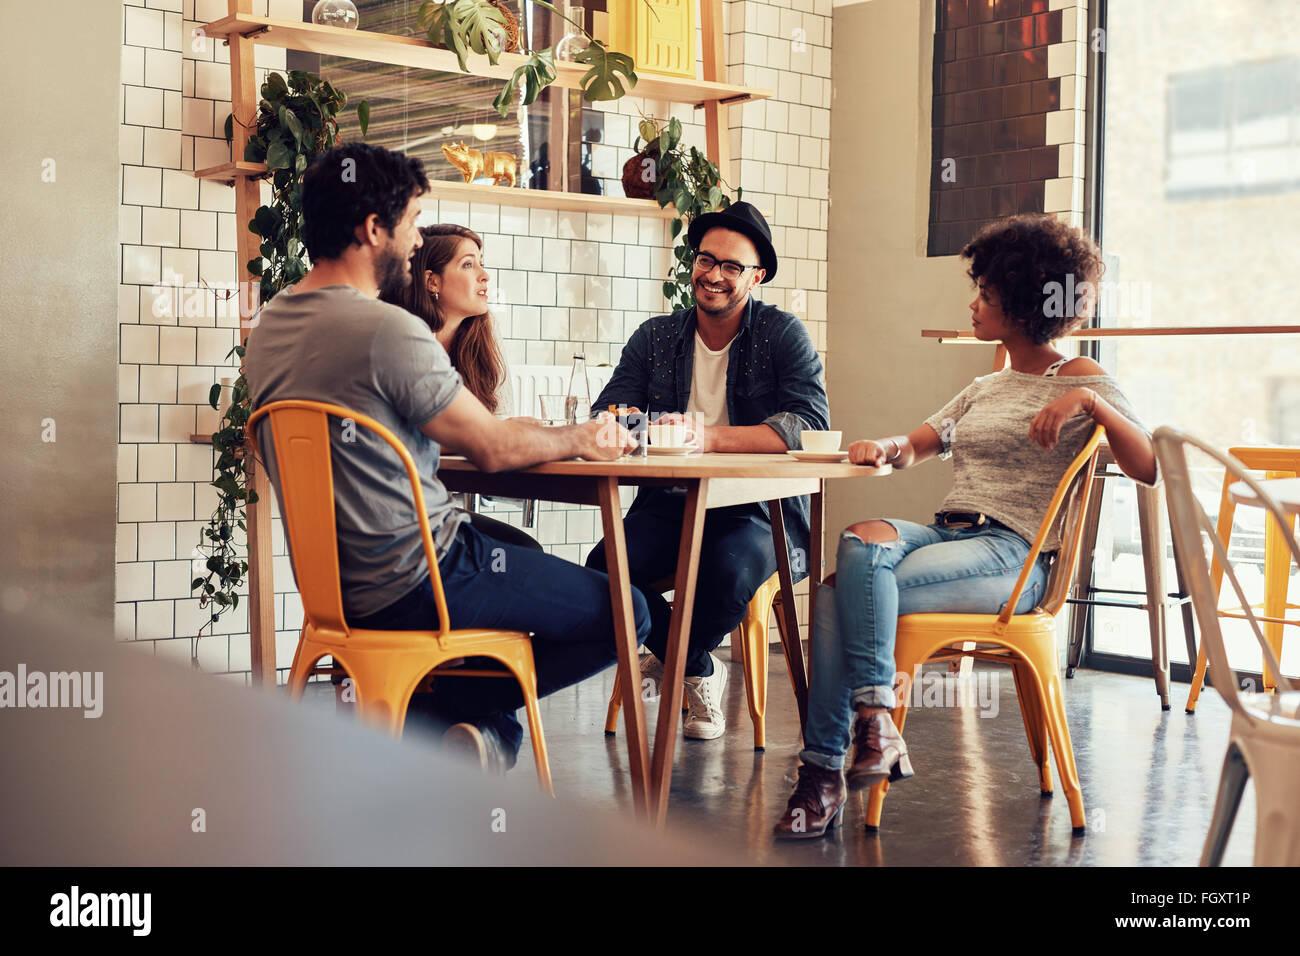 Los jóvenes sentados en una cafetería. Grupo de Amigos hablando en una cafetería. Imagen De Stock